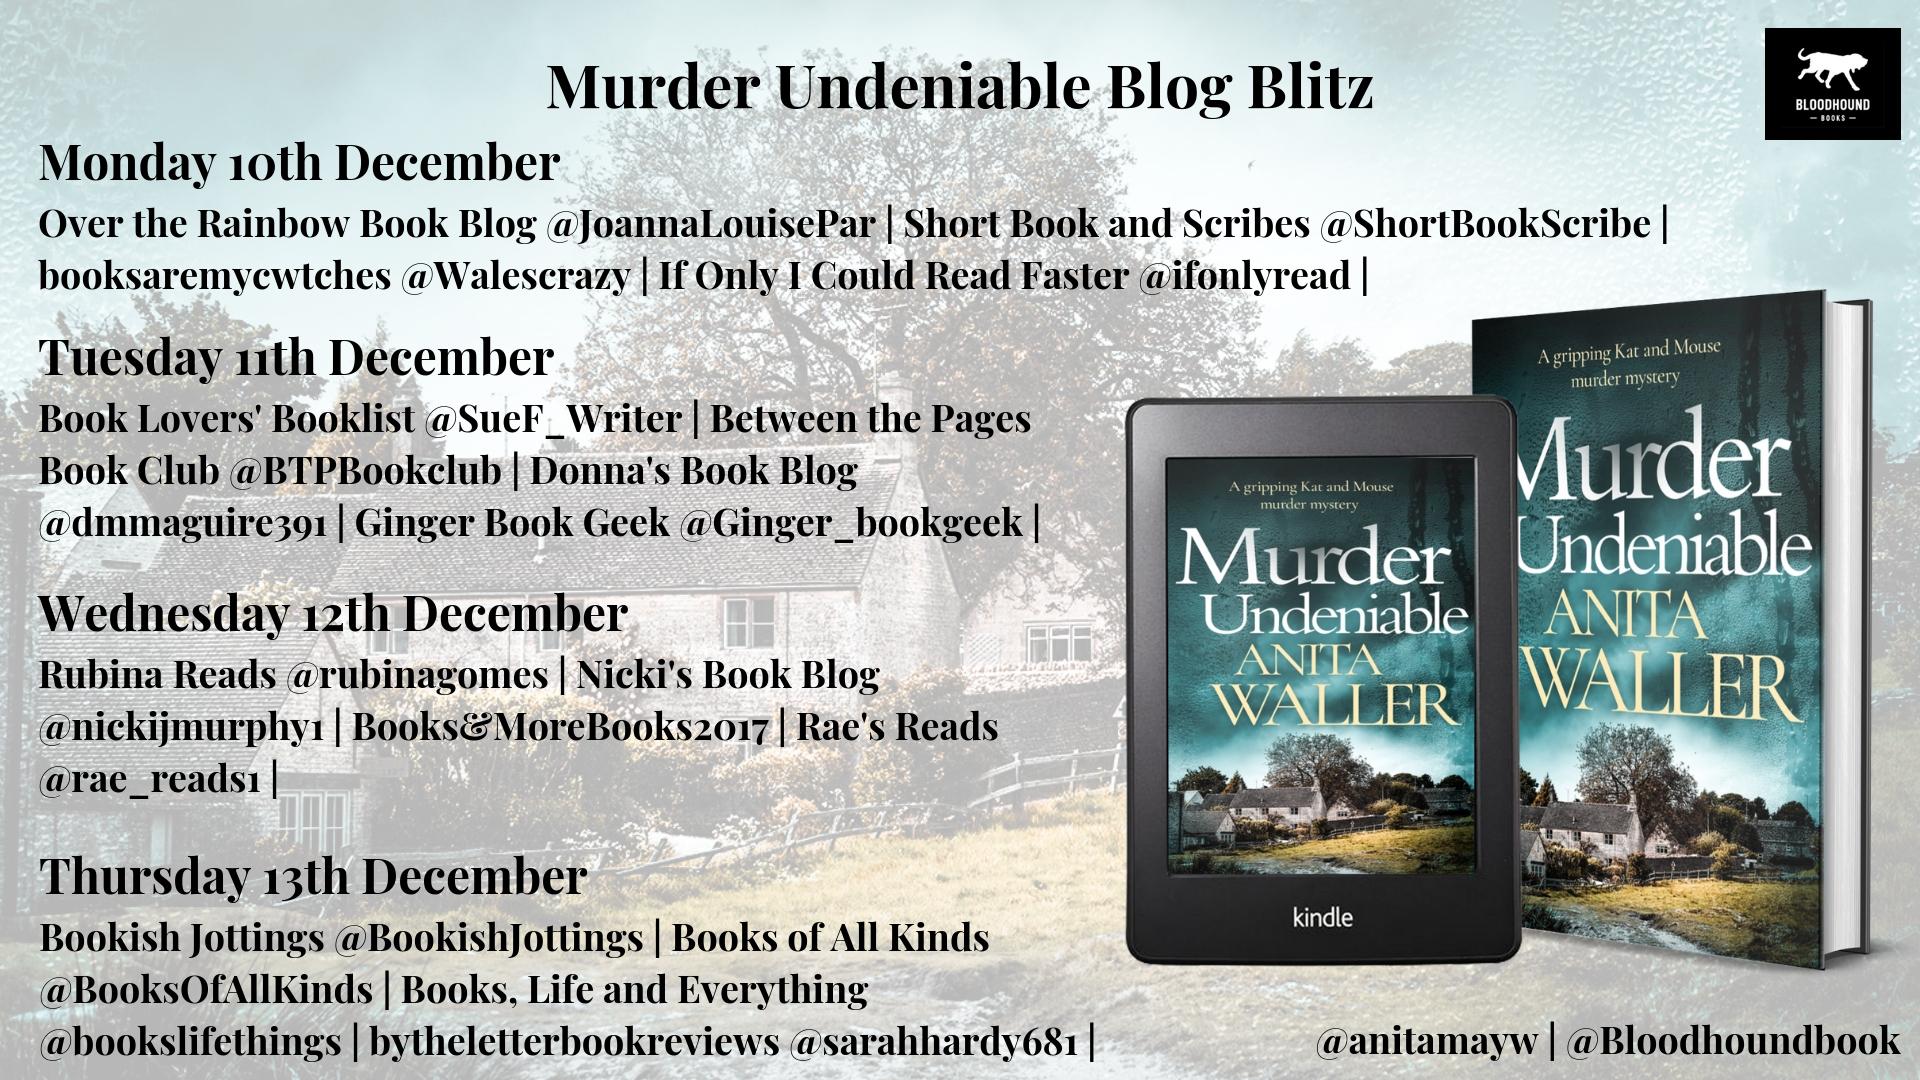 Murder Undeniable Blog Blitz banner